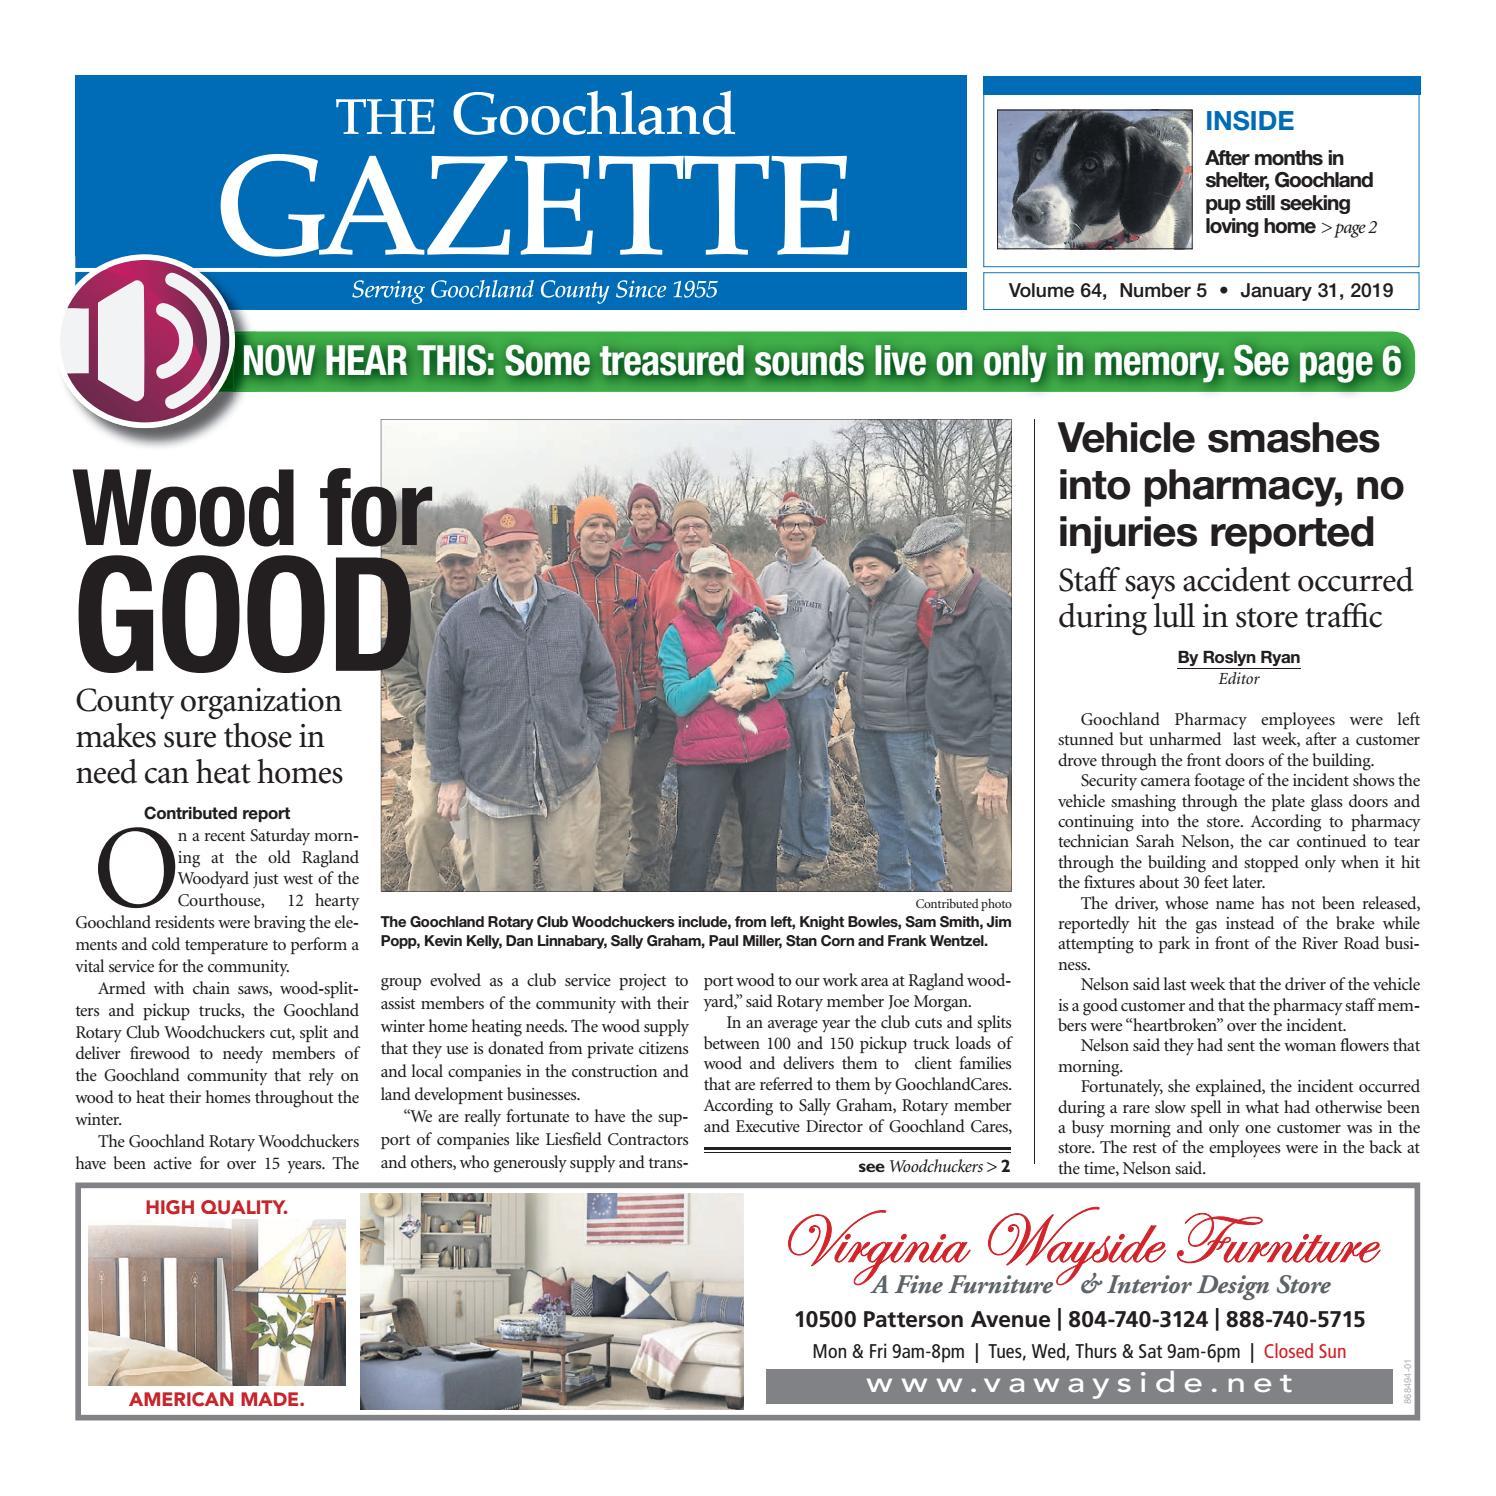 3c327d15 1/31/2019 by Goochland Gazette - issuu